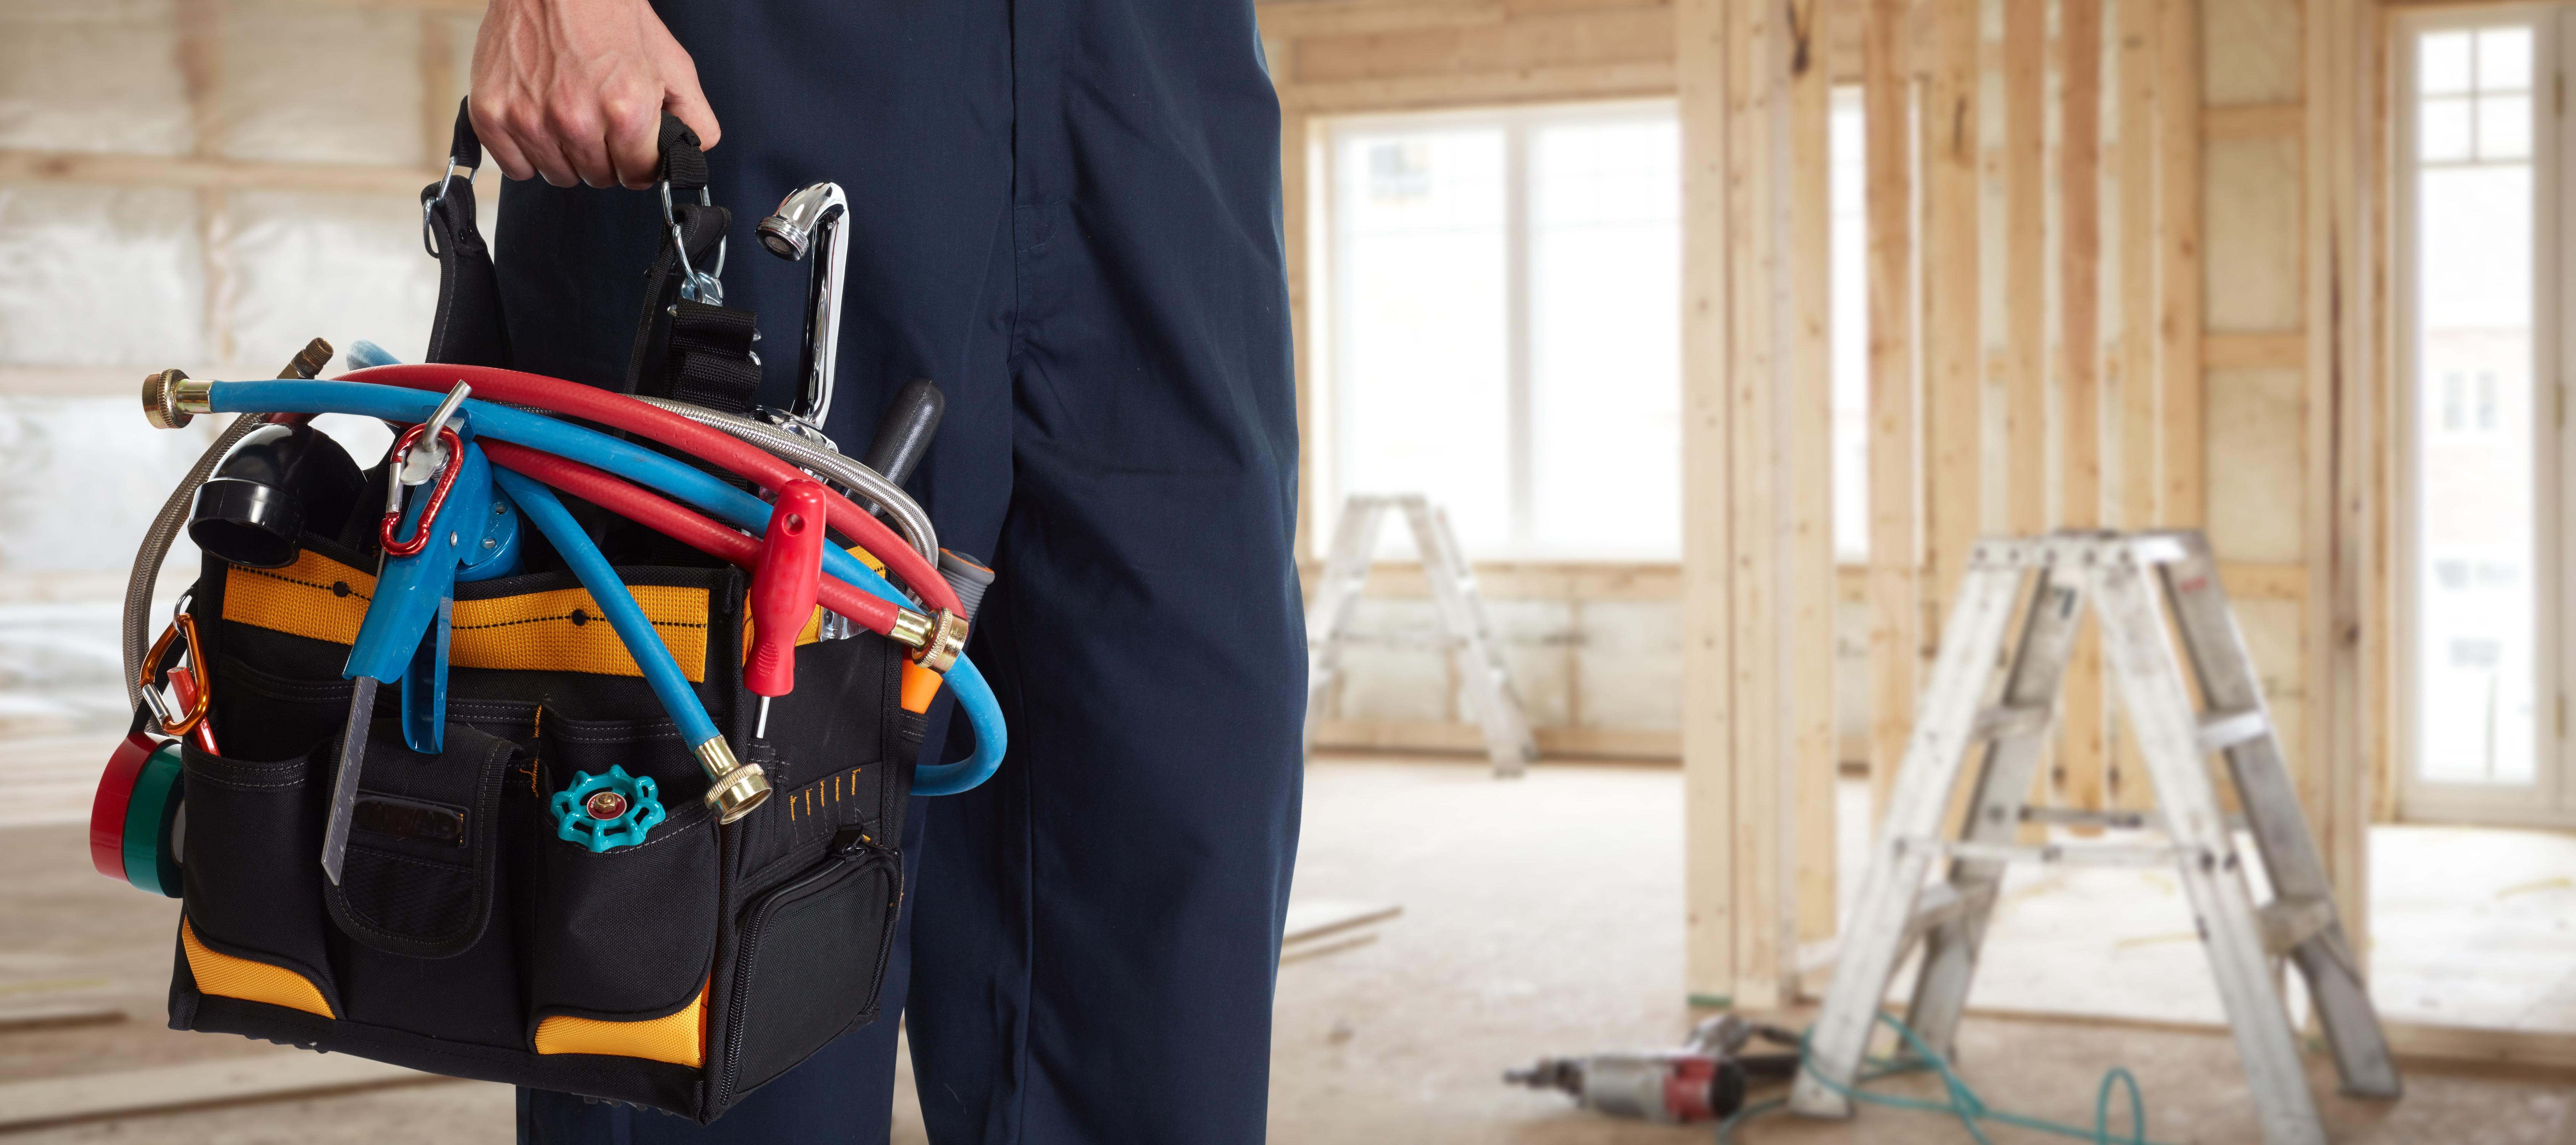 Kit de sobrevivência para cuidar da manutenção da sua casa